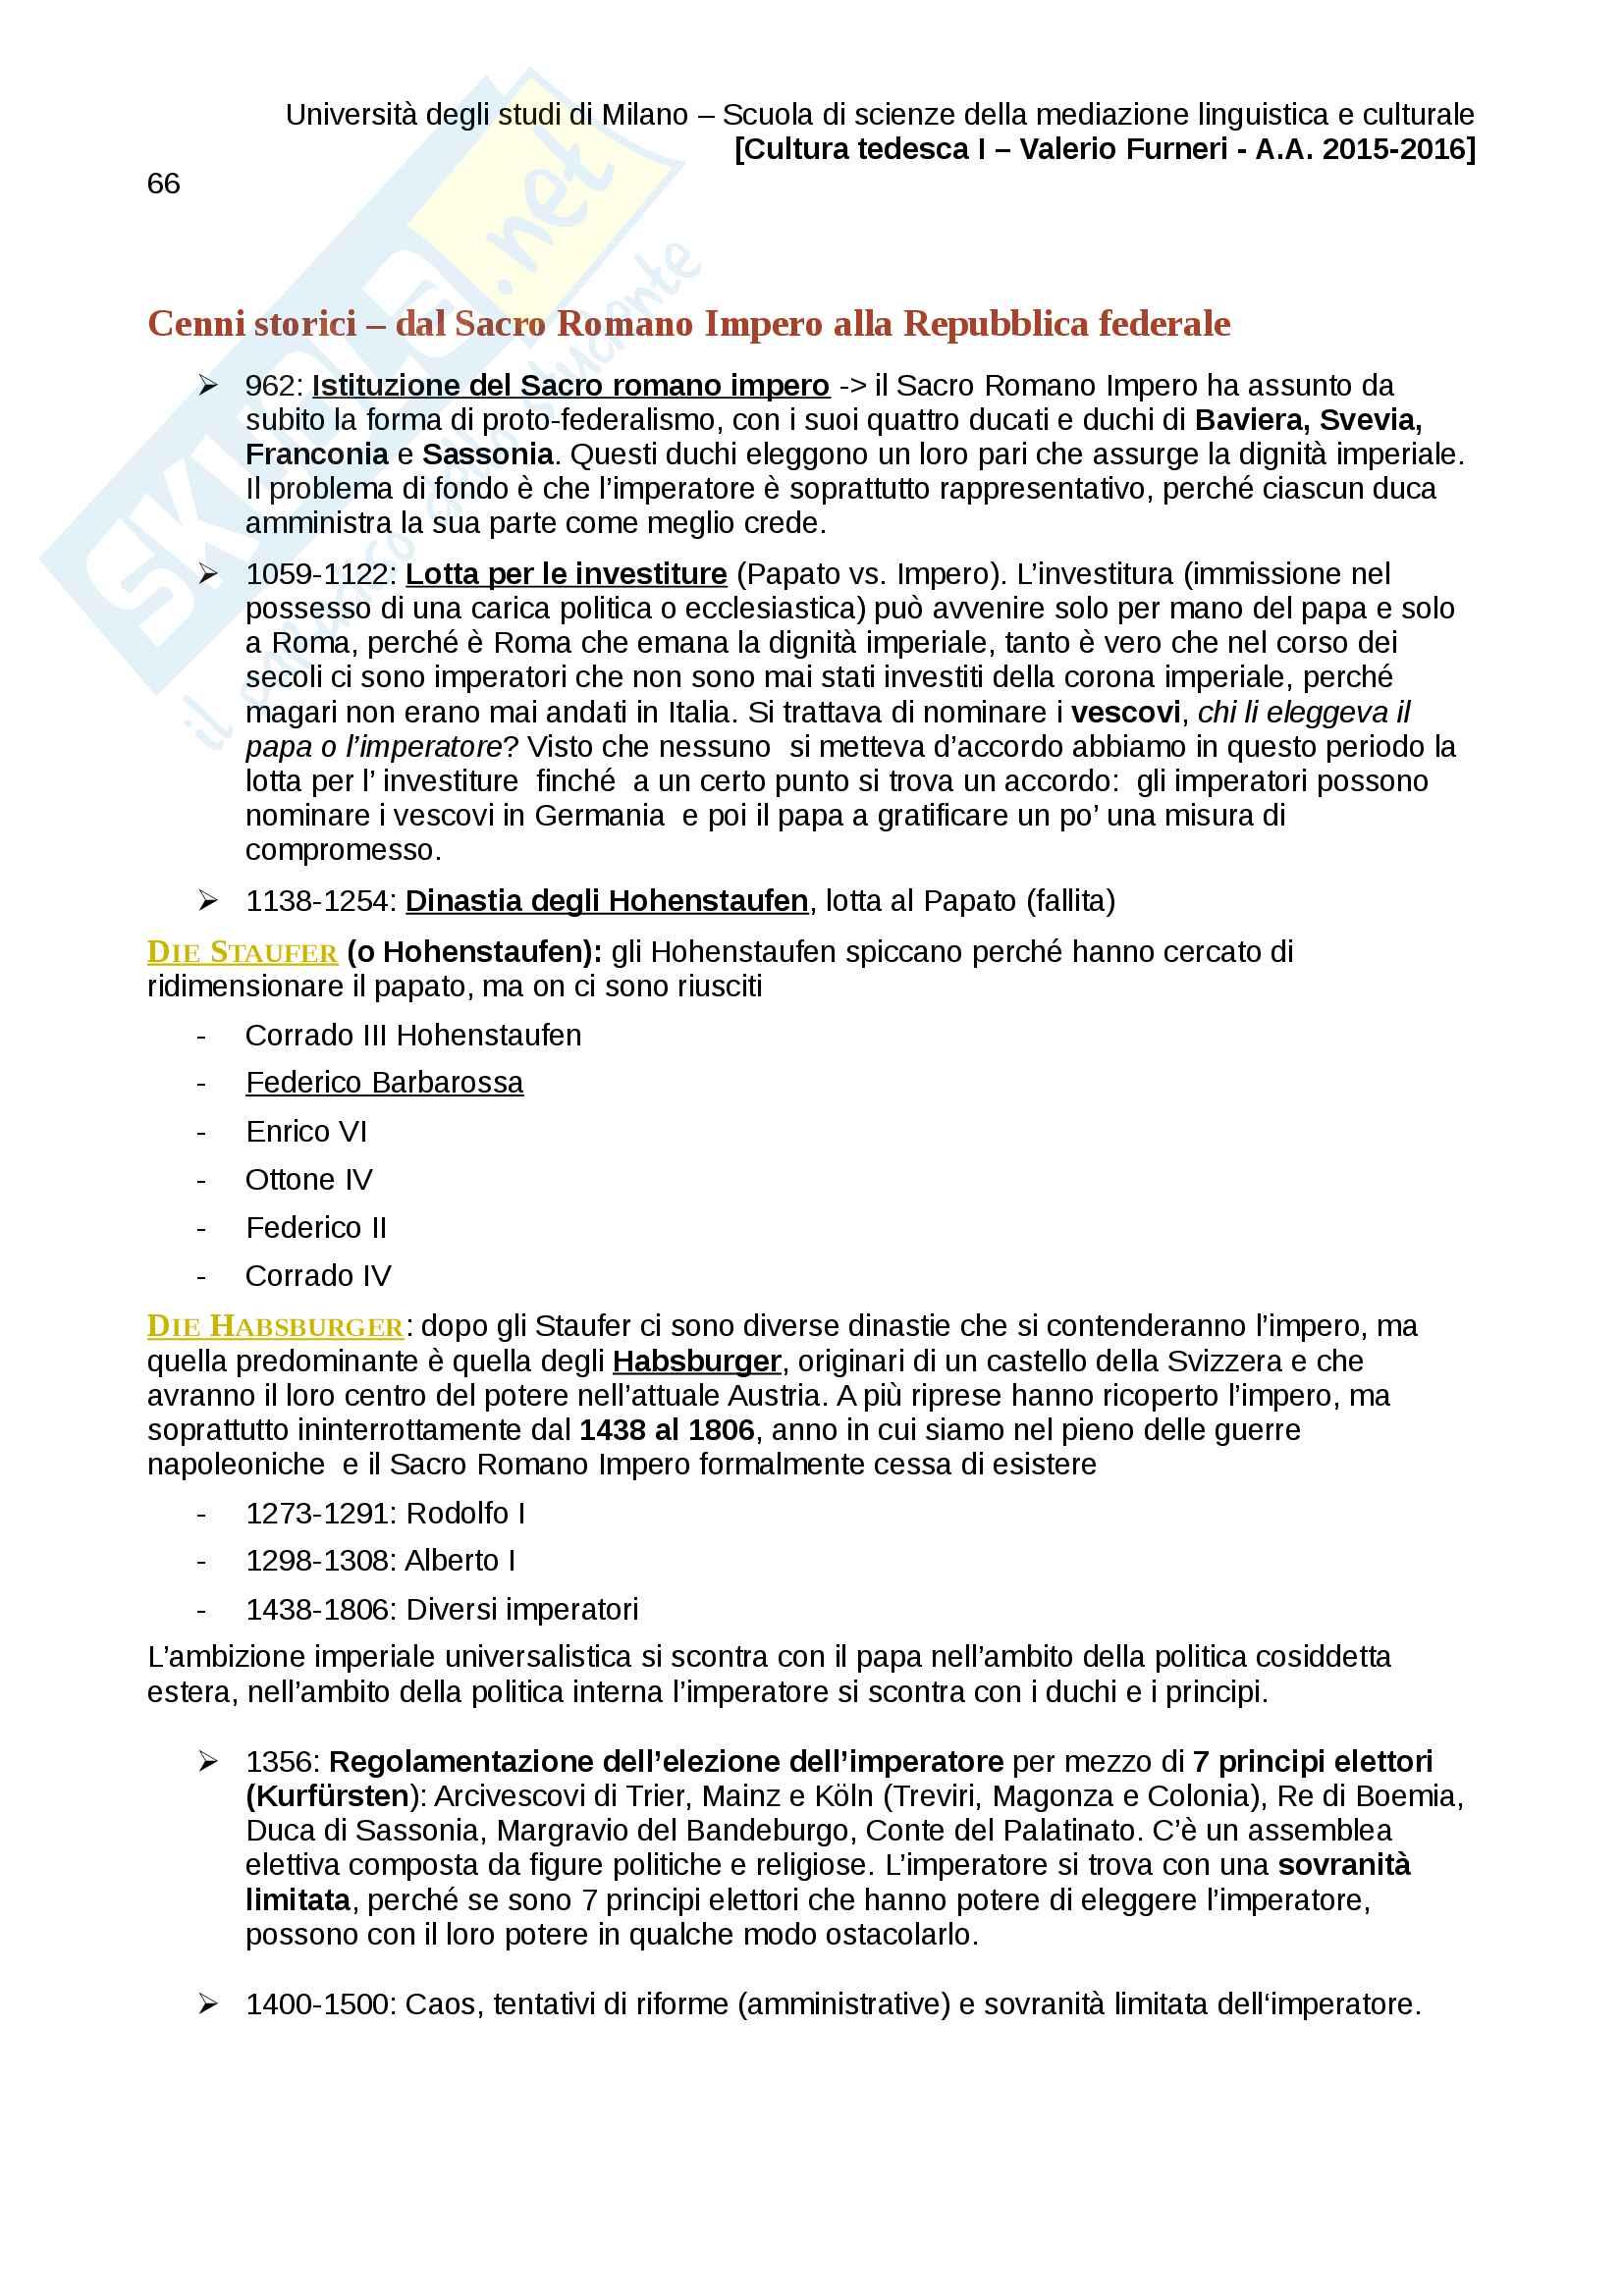 Appunti completi Cultura tedesca I Pag. 66